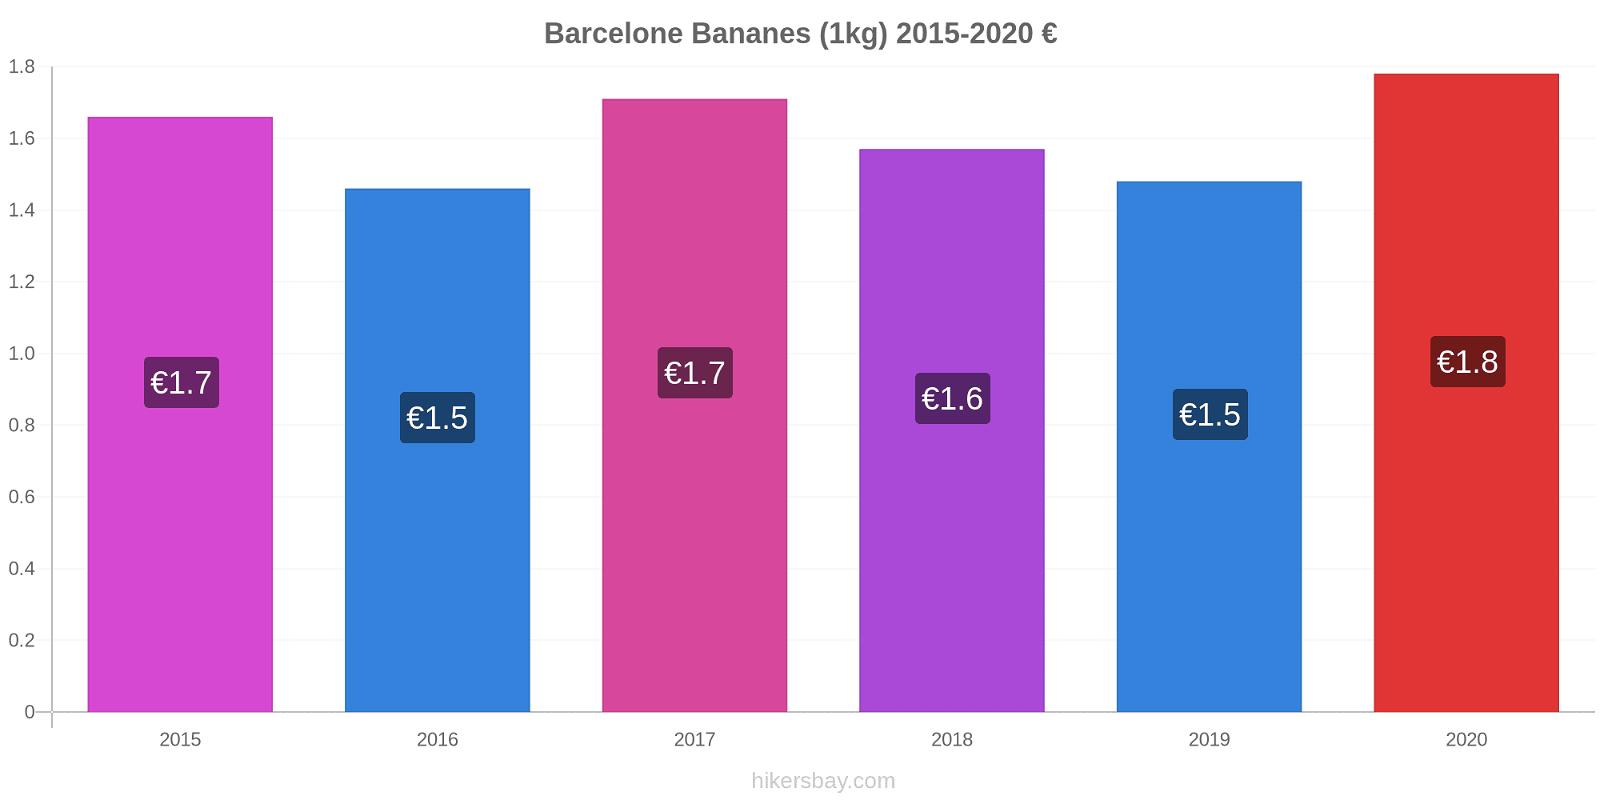 Barcelone changements de prix Bananes (1kg) hikersbay.com